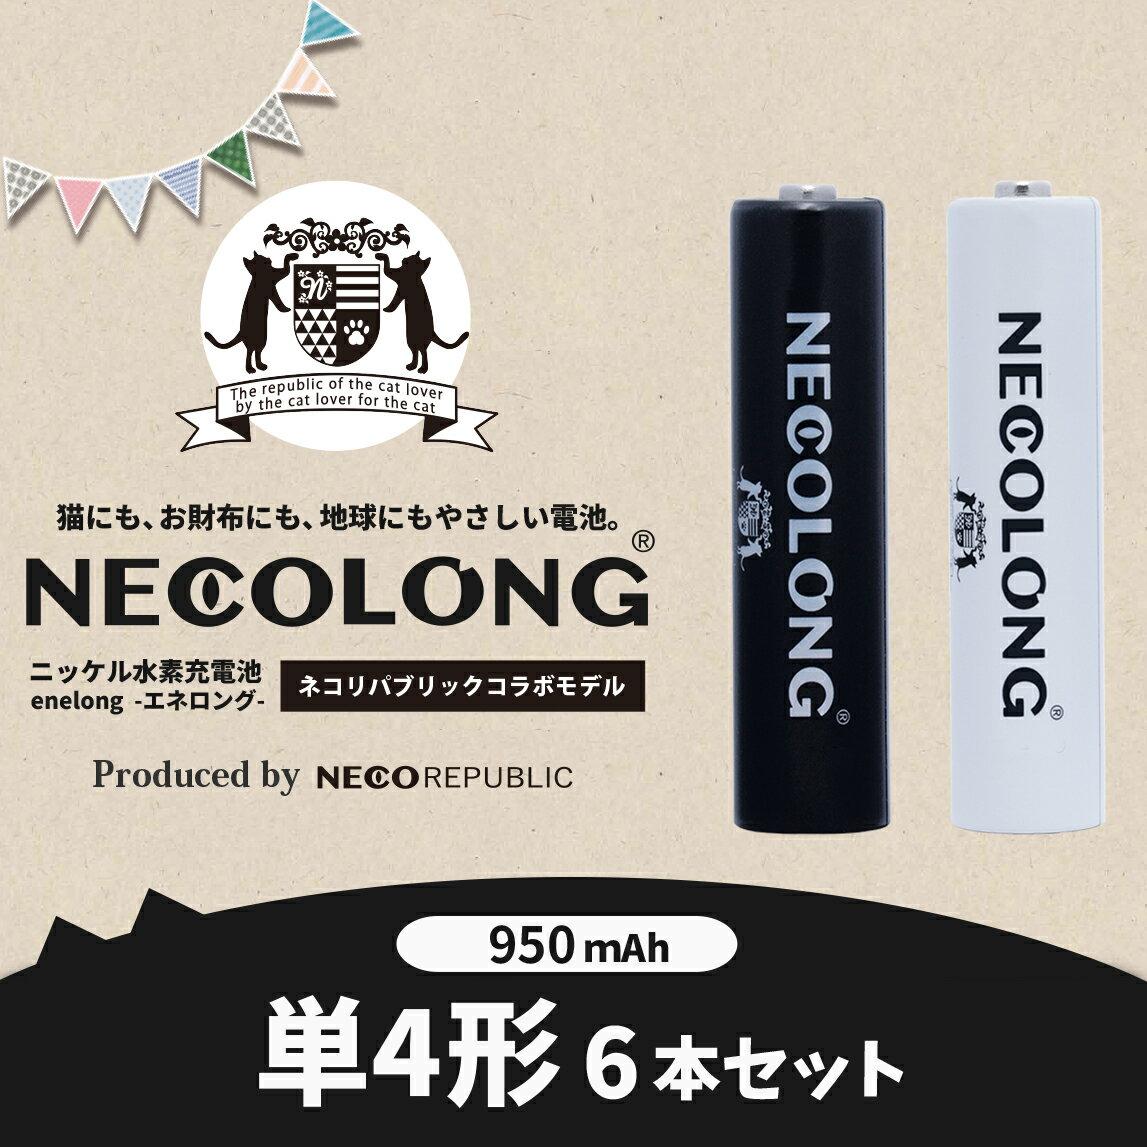 ニッケル水素充電池 NECOLONG ネコロングNECOREPUBLIC ネコリパブリック公式モデルeneloop エネループ enelong エネロング を超える大容量950mAh!単4形電池×6本セットメール便送料無料